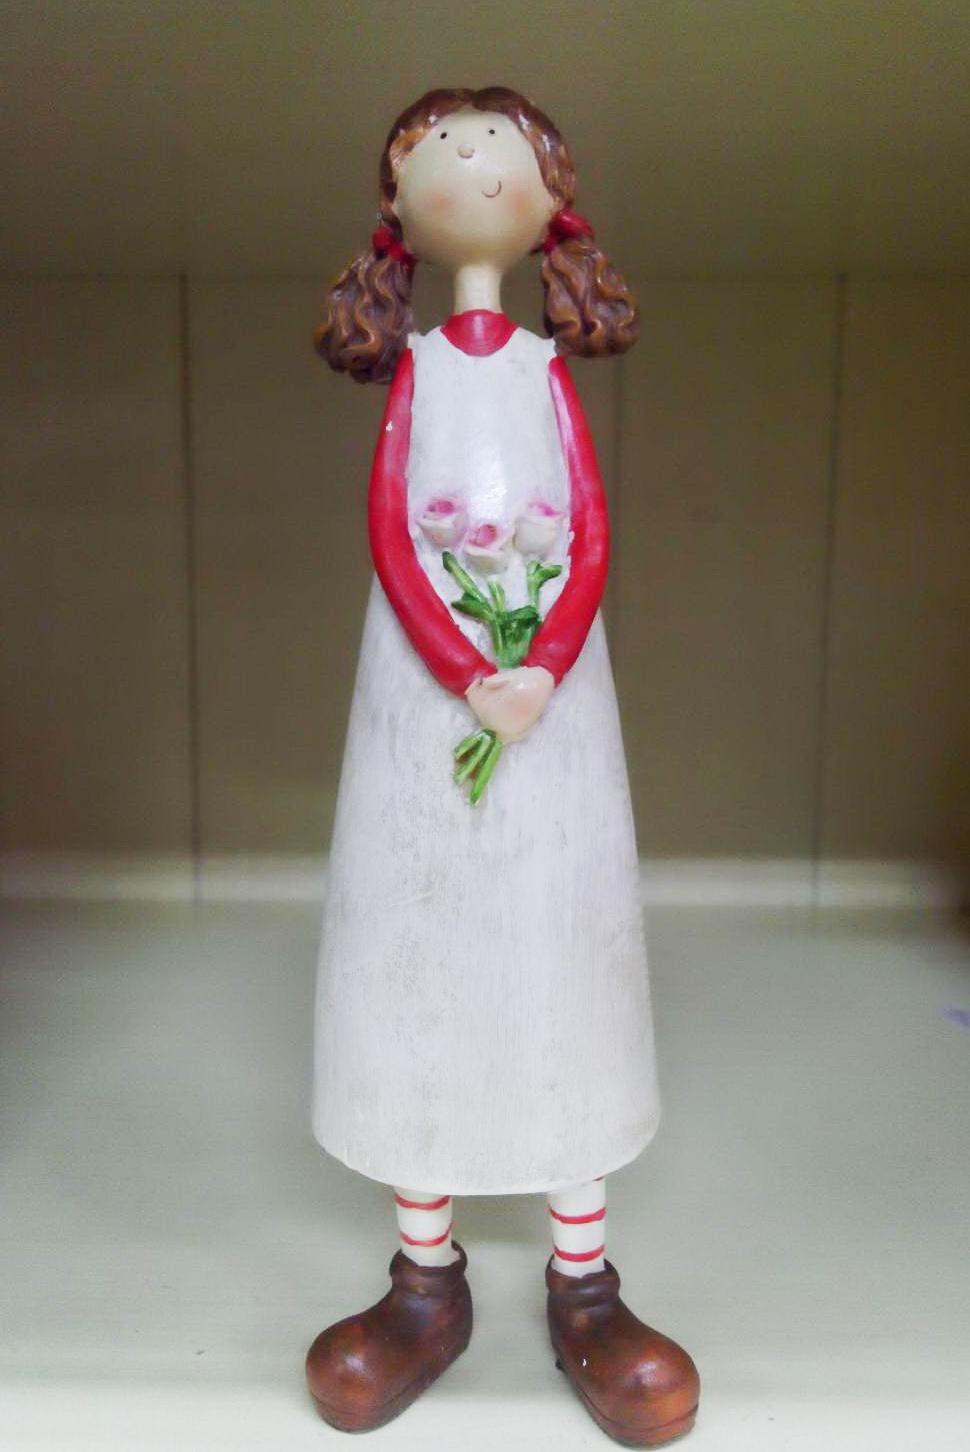 หญิงชุดขาวแดง ซื้อ1 แถม 1